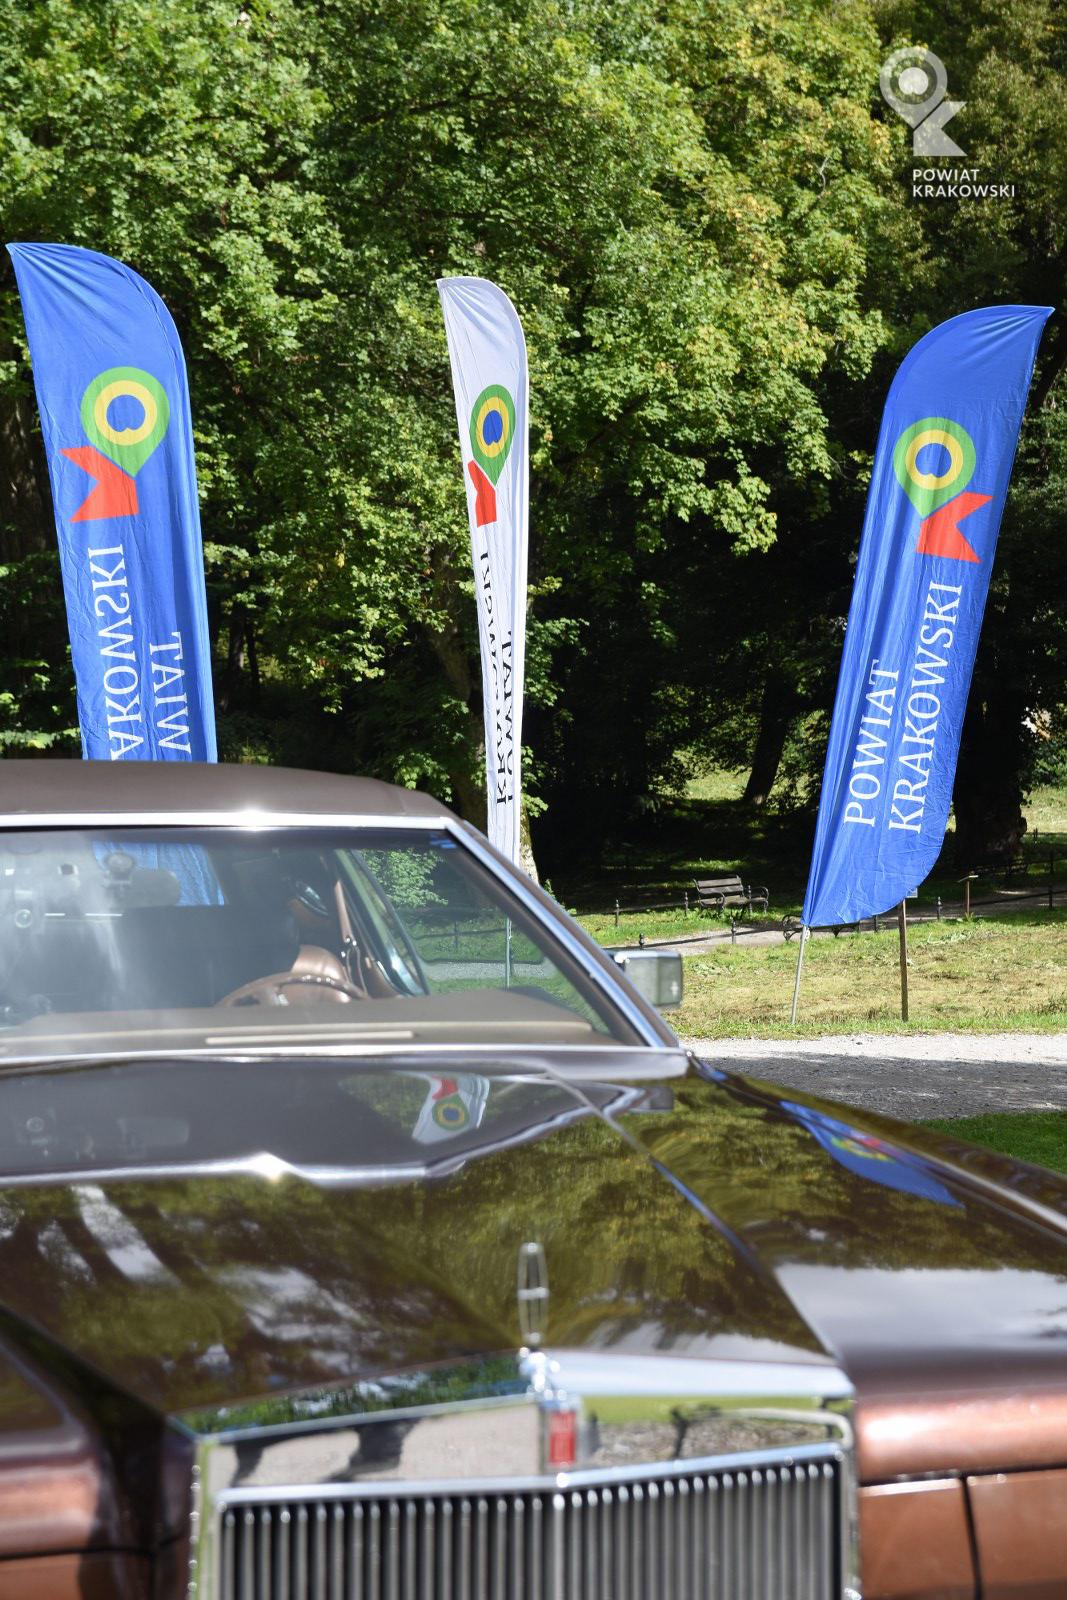 Fragment zabytkowego samochodu na pierwszym planie, na drugim flagi powiatu krakowskiego